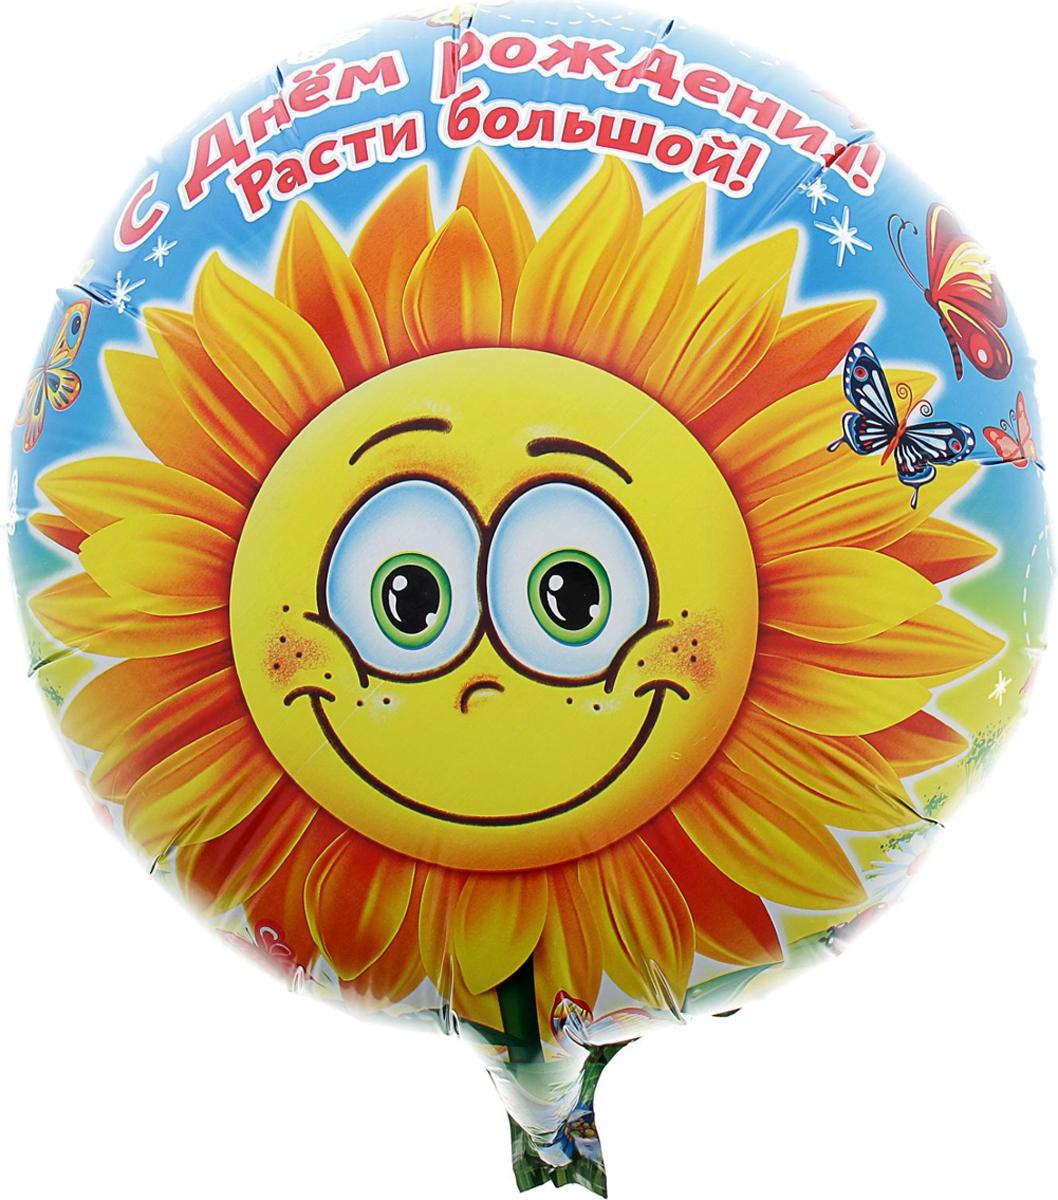 Солнце с днем рождения картинки красивые